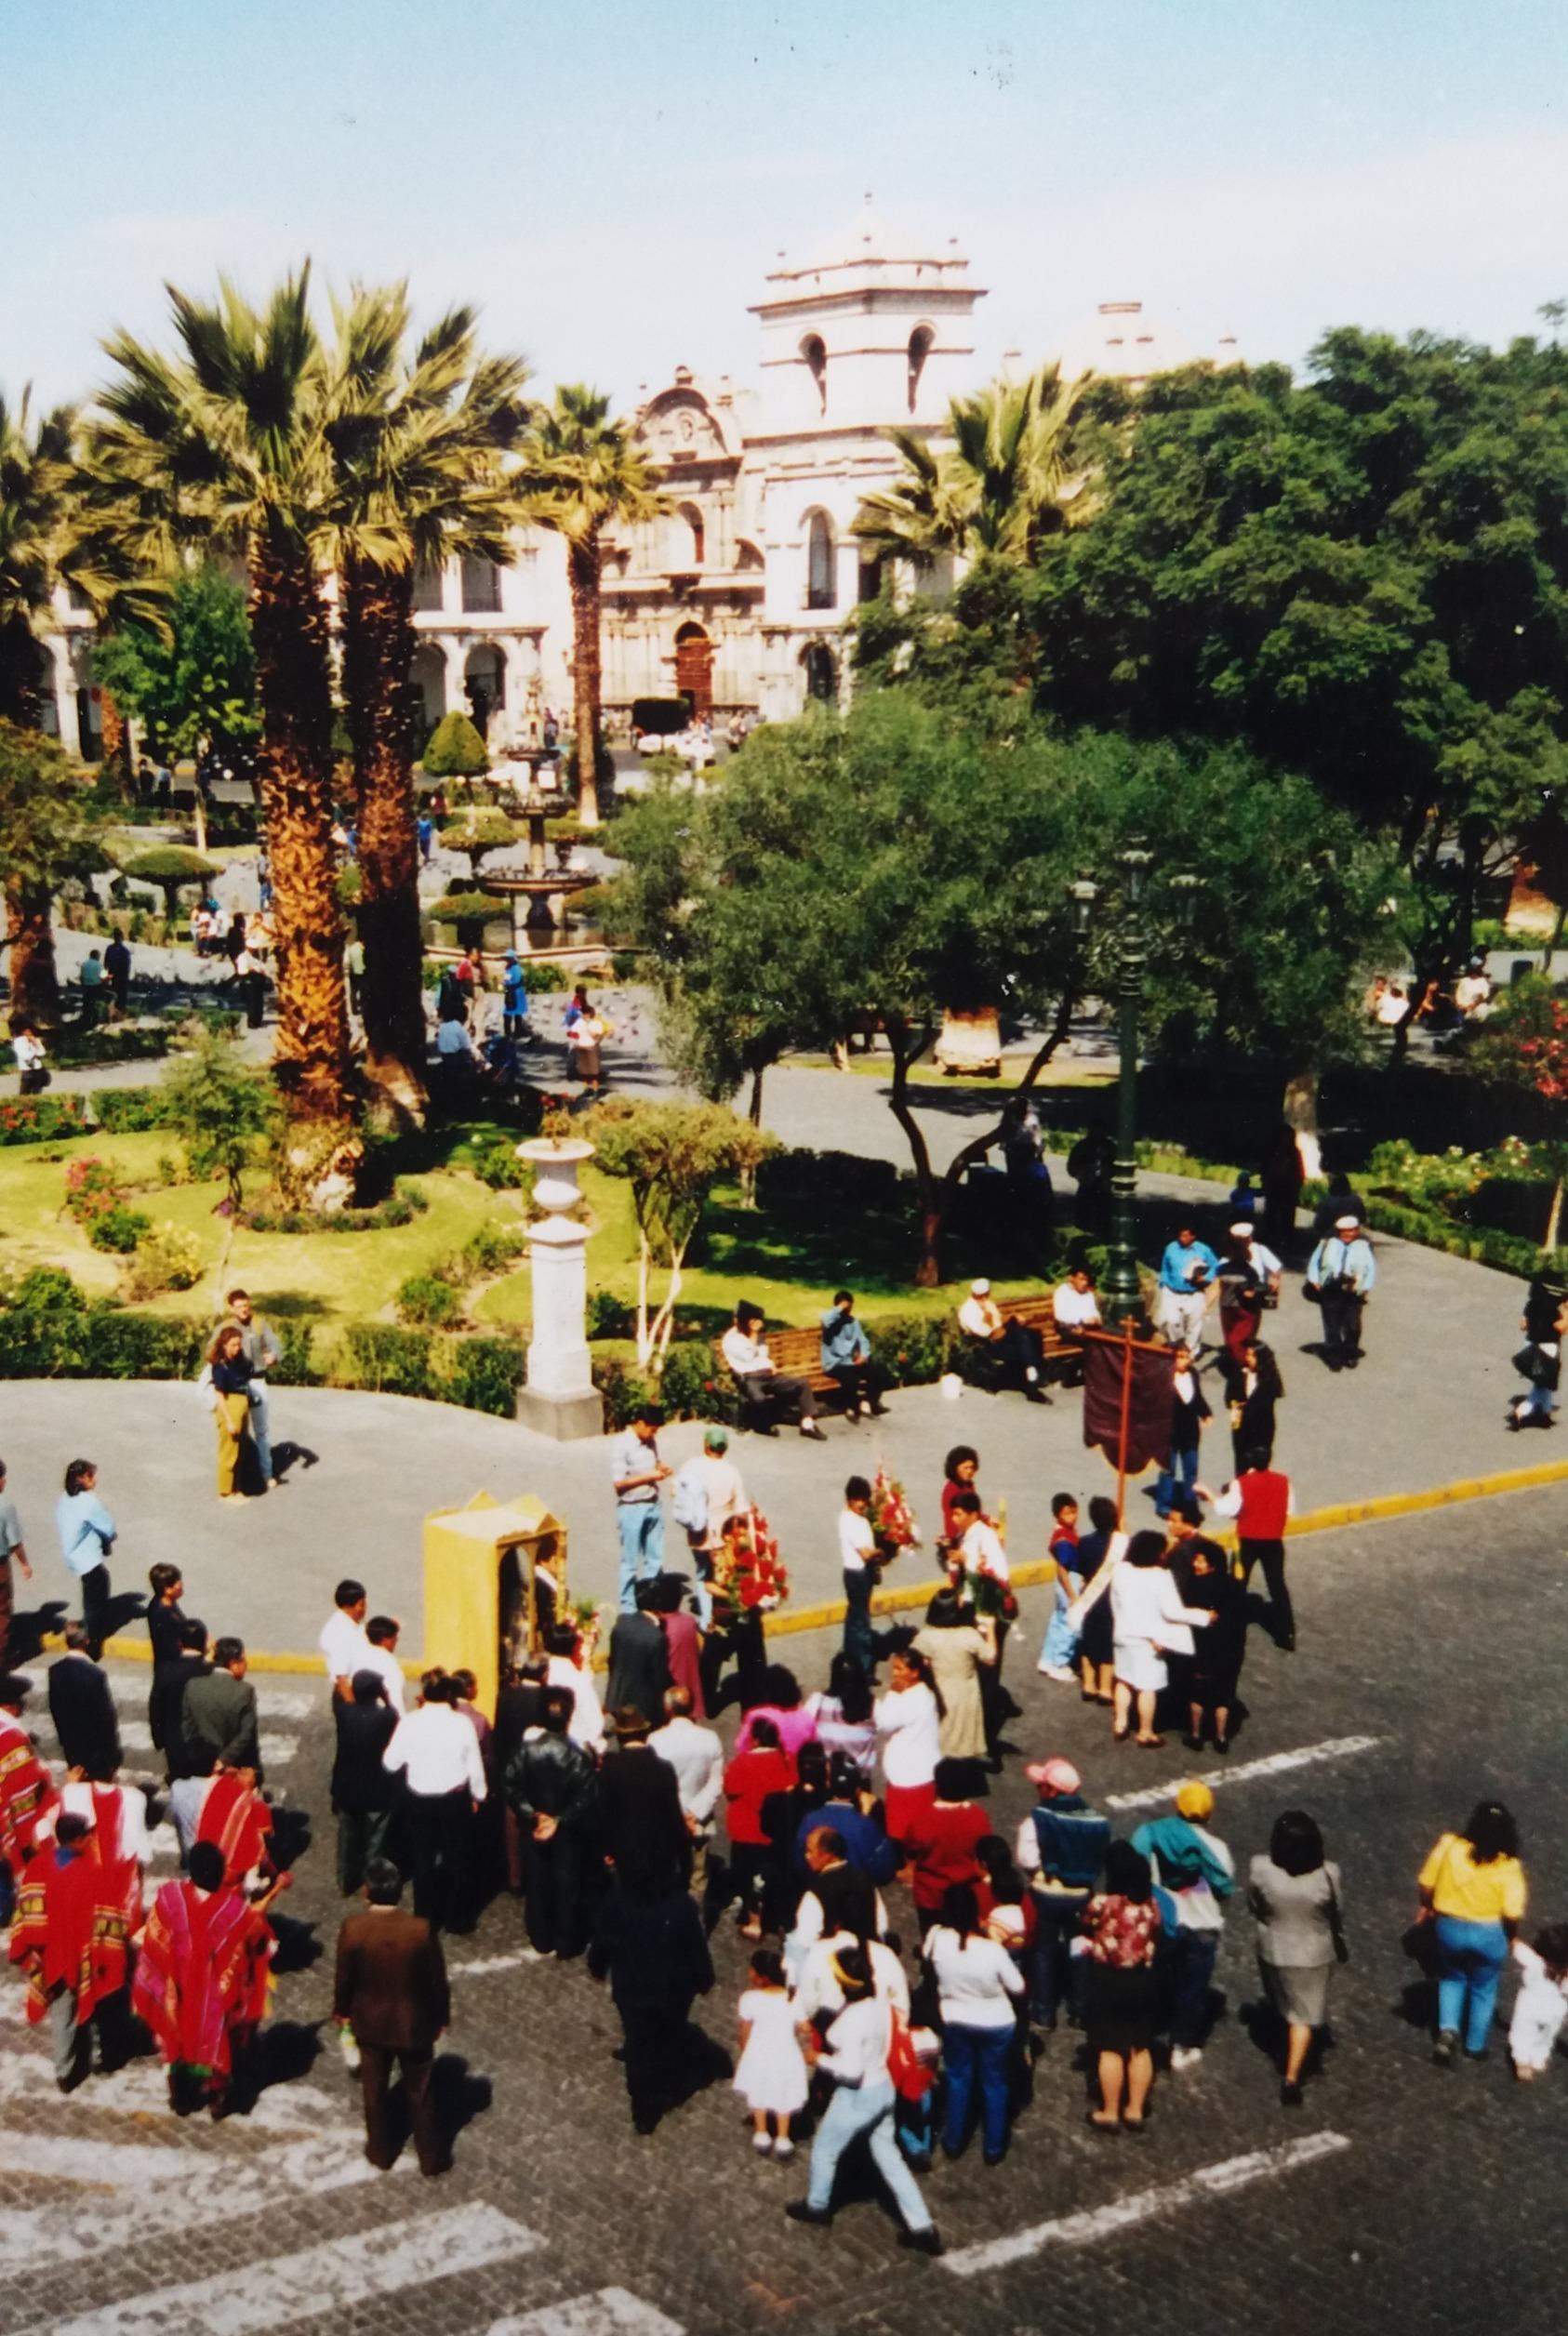 Peru diary - Day 7 - Arequipa